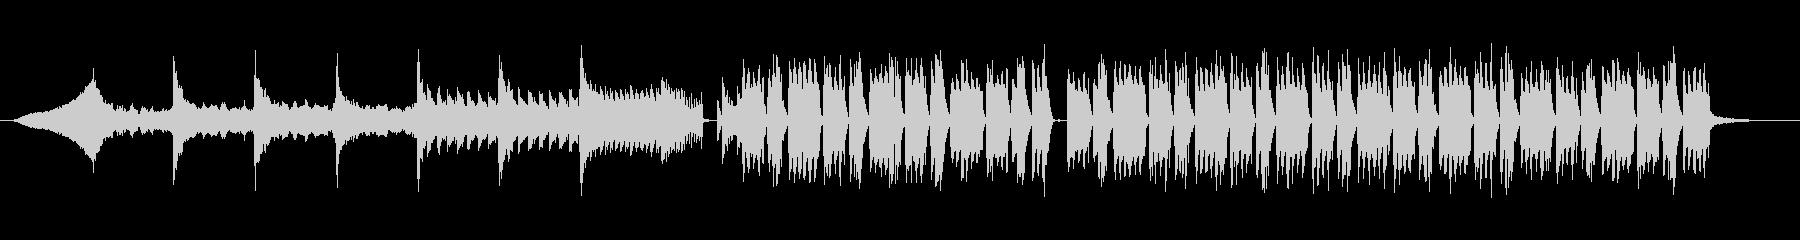 シンプルFutureBassの未再生の波形